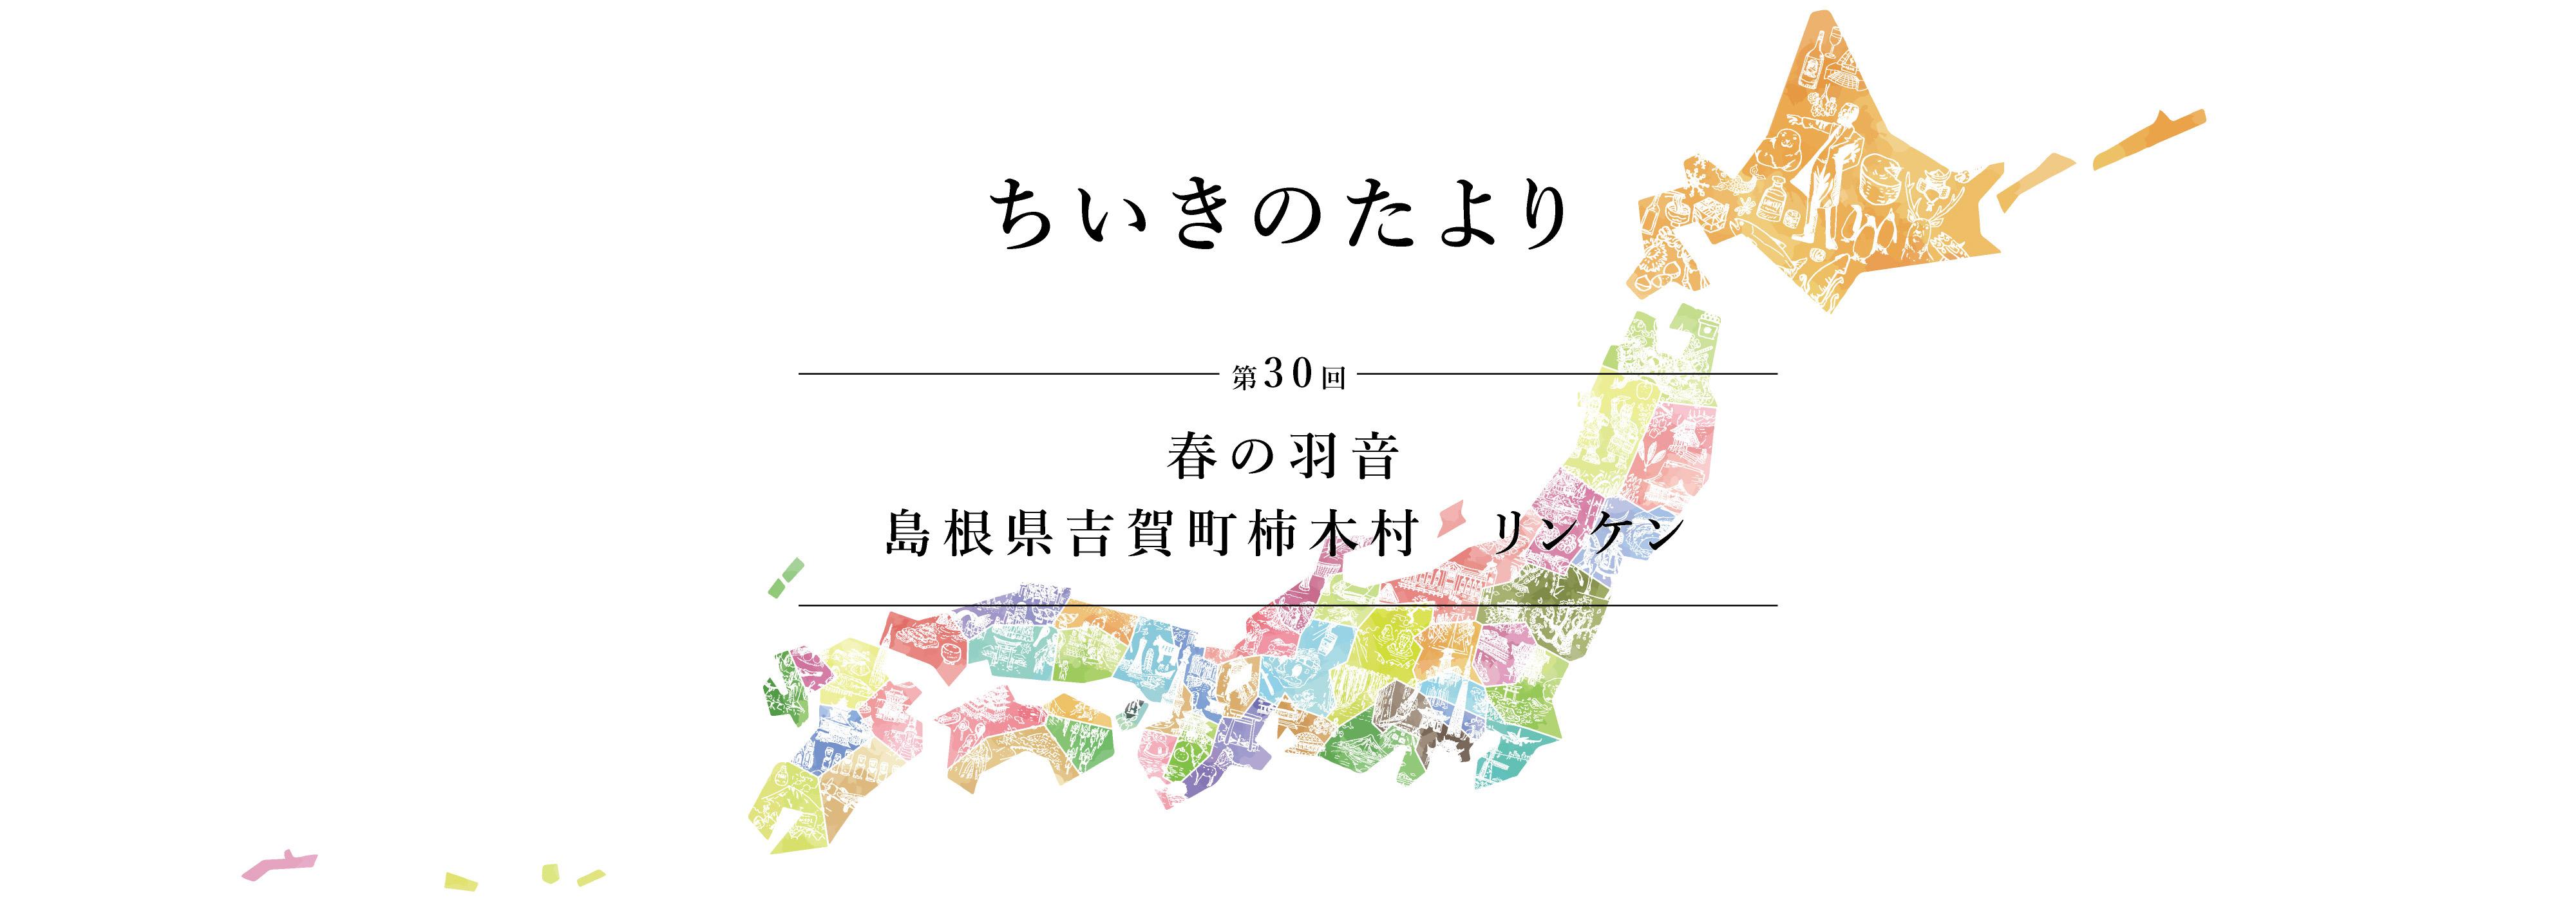 ちいきのたより第30回島根県吉賀町柿木村 リンケン春の羽音